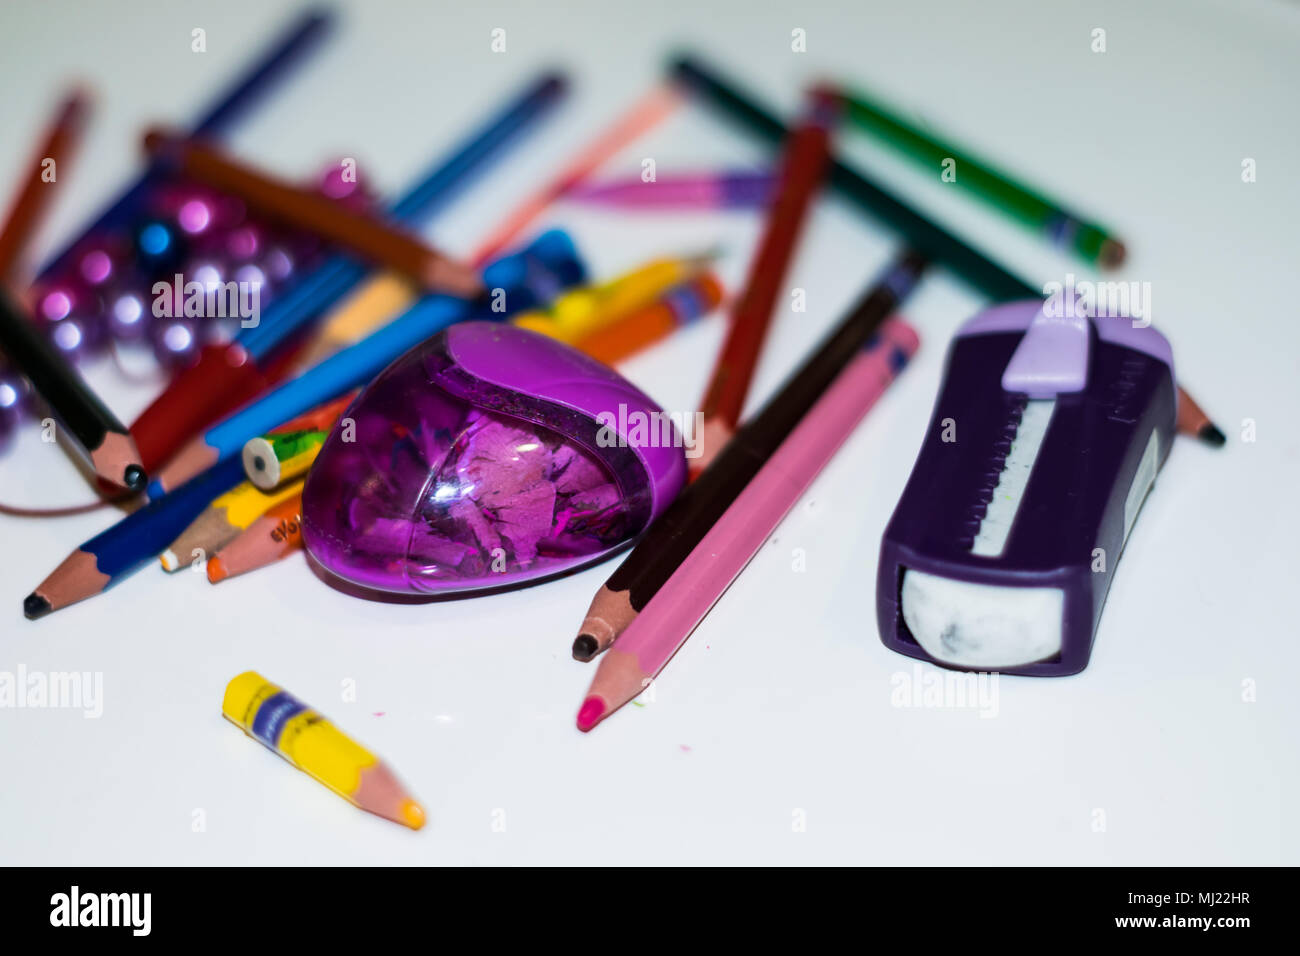 Los niños materiales escolares, lápices, gomas de primer grado Imagen De Stock